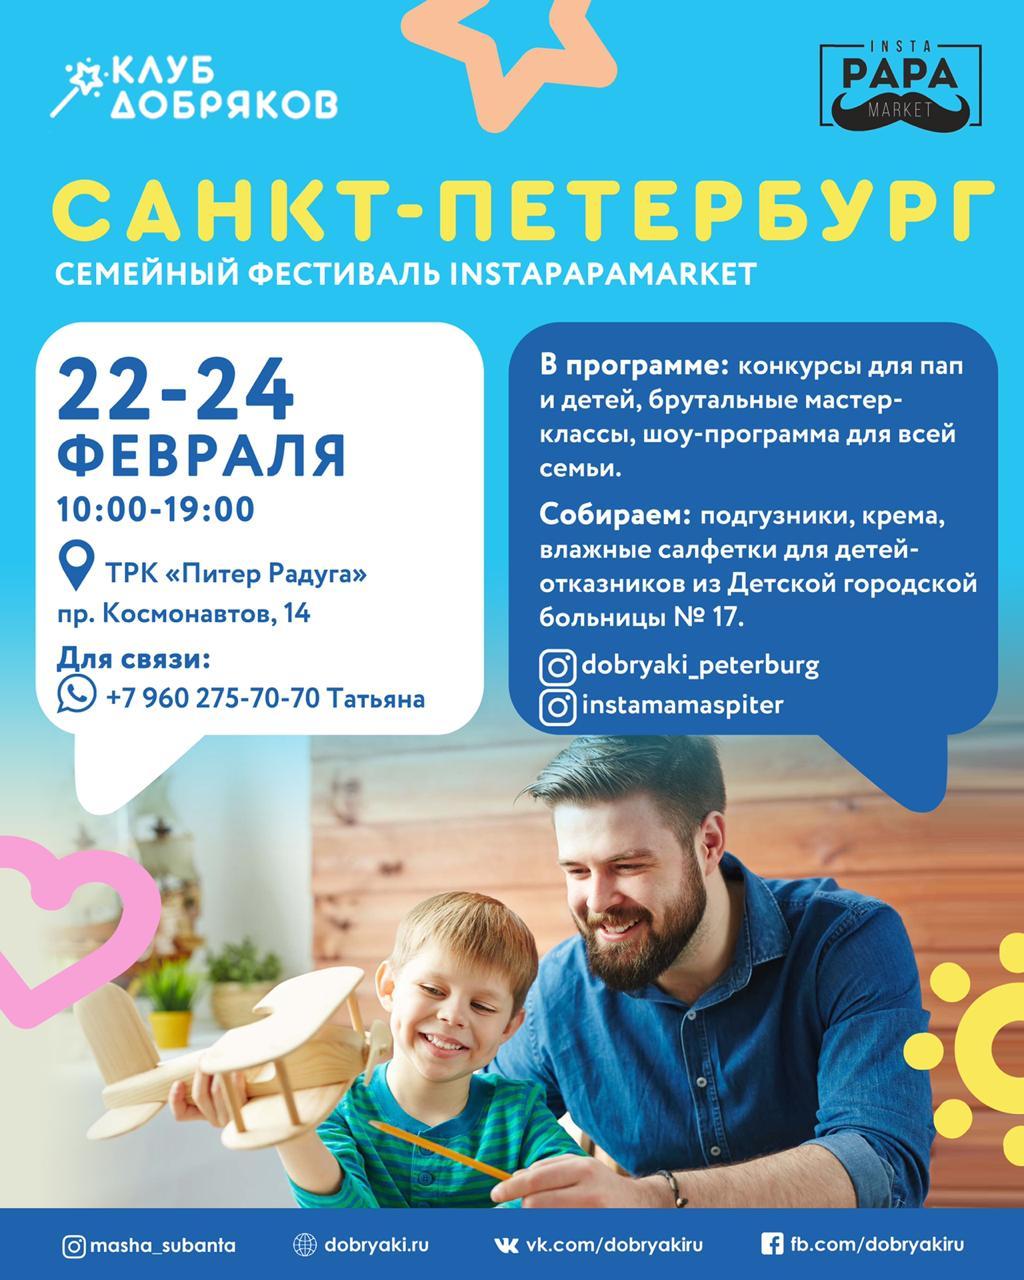 Добряки Петербурга поучаствуют в фестивале Insta Papa Market